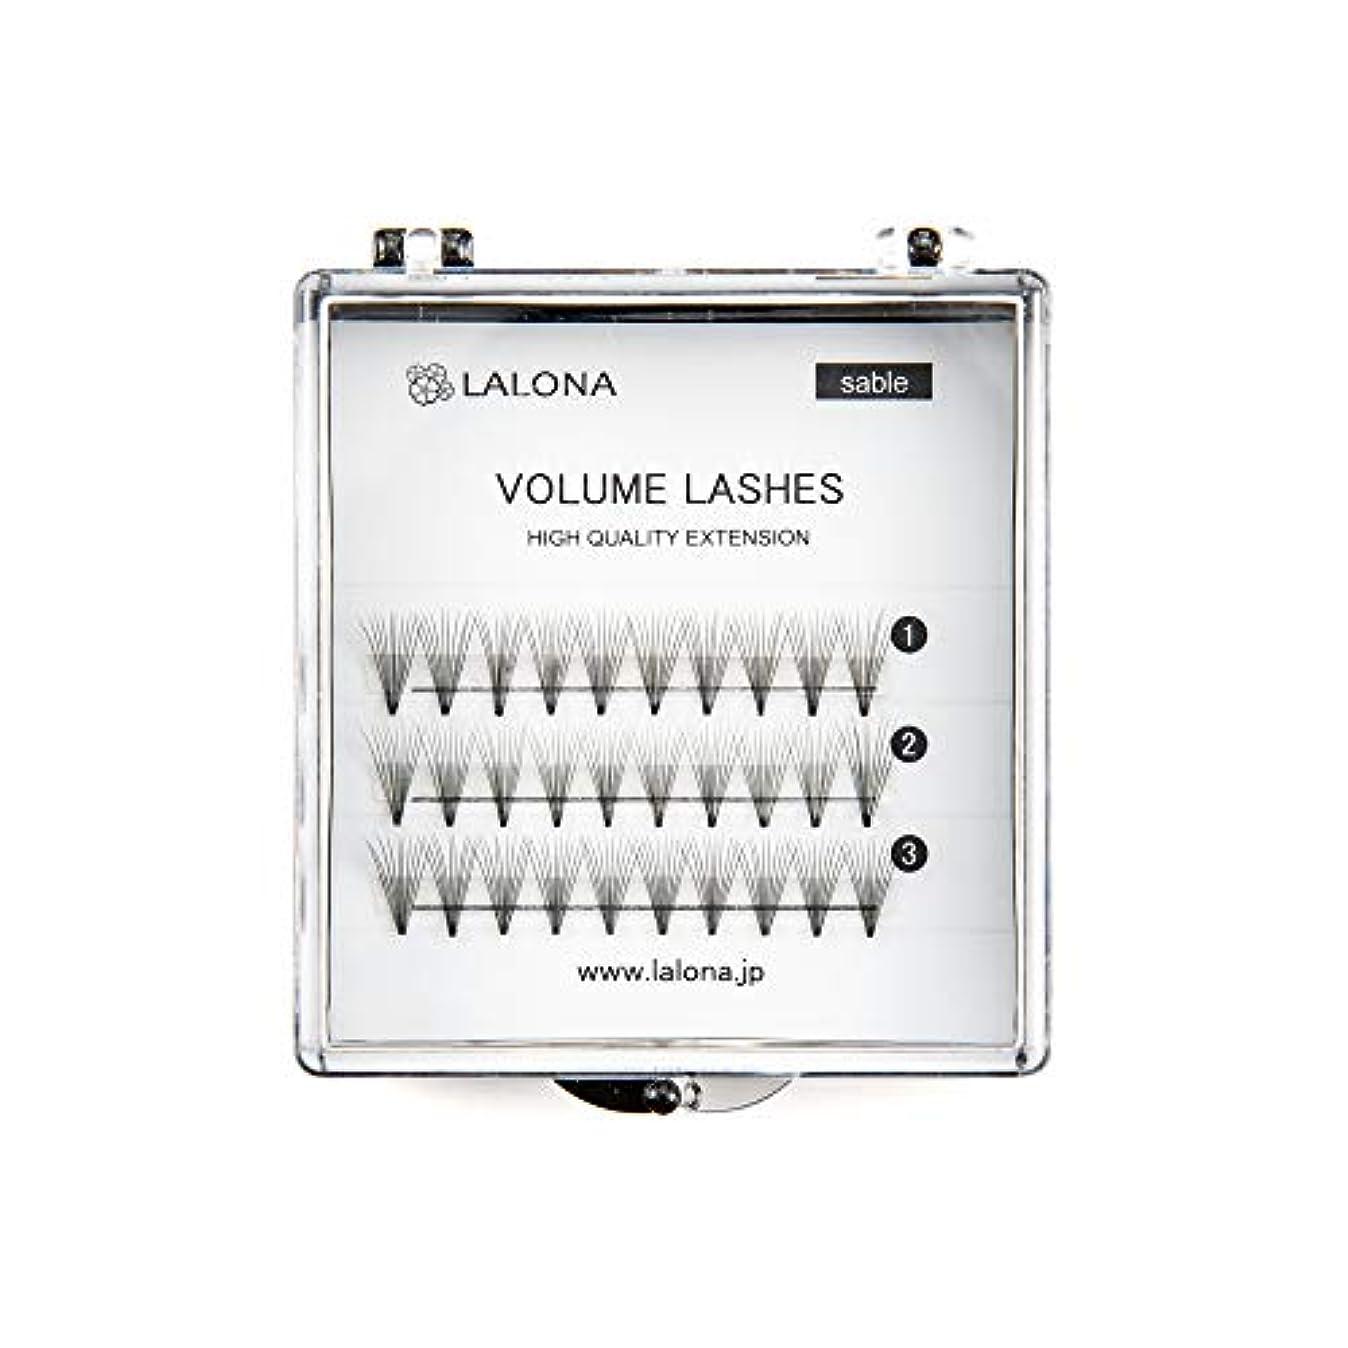 神経障害祭司高いLALONA [ ラローナ ] ボリュームラッシュ (10D) (30pcs) まつげエクステ 10本束 フレアラッシュ まつエク 束まつげ セーブル (Dカール / 10mm)